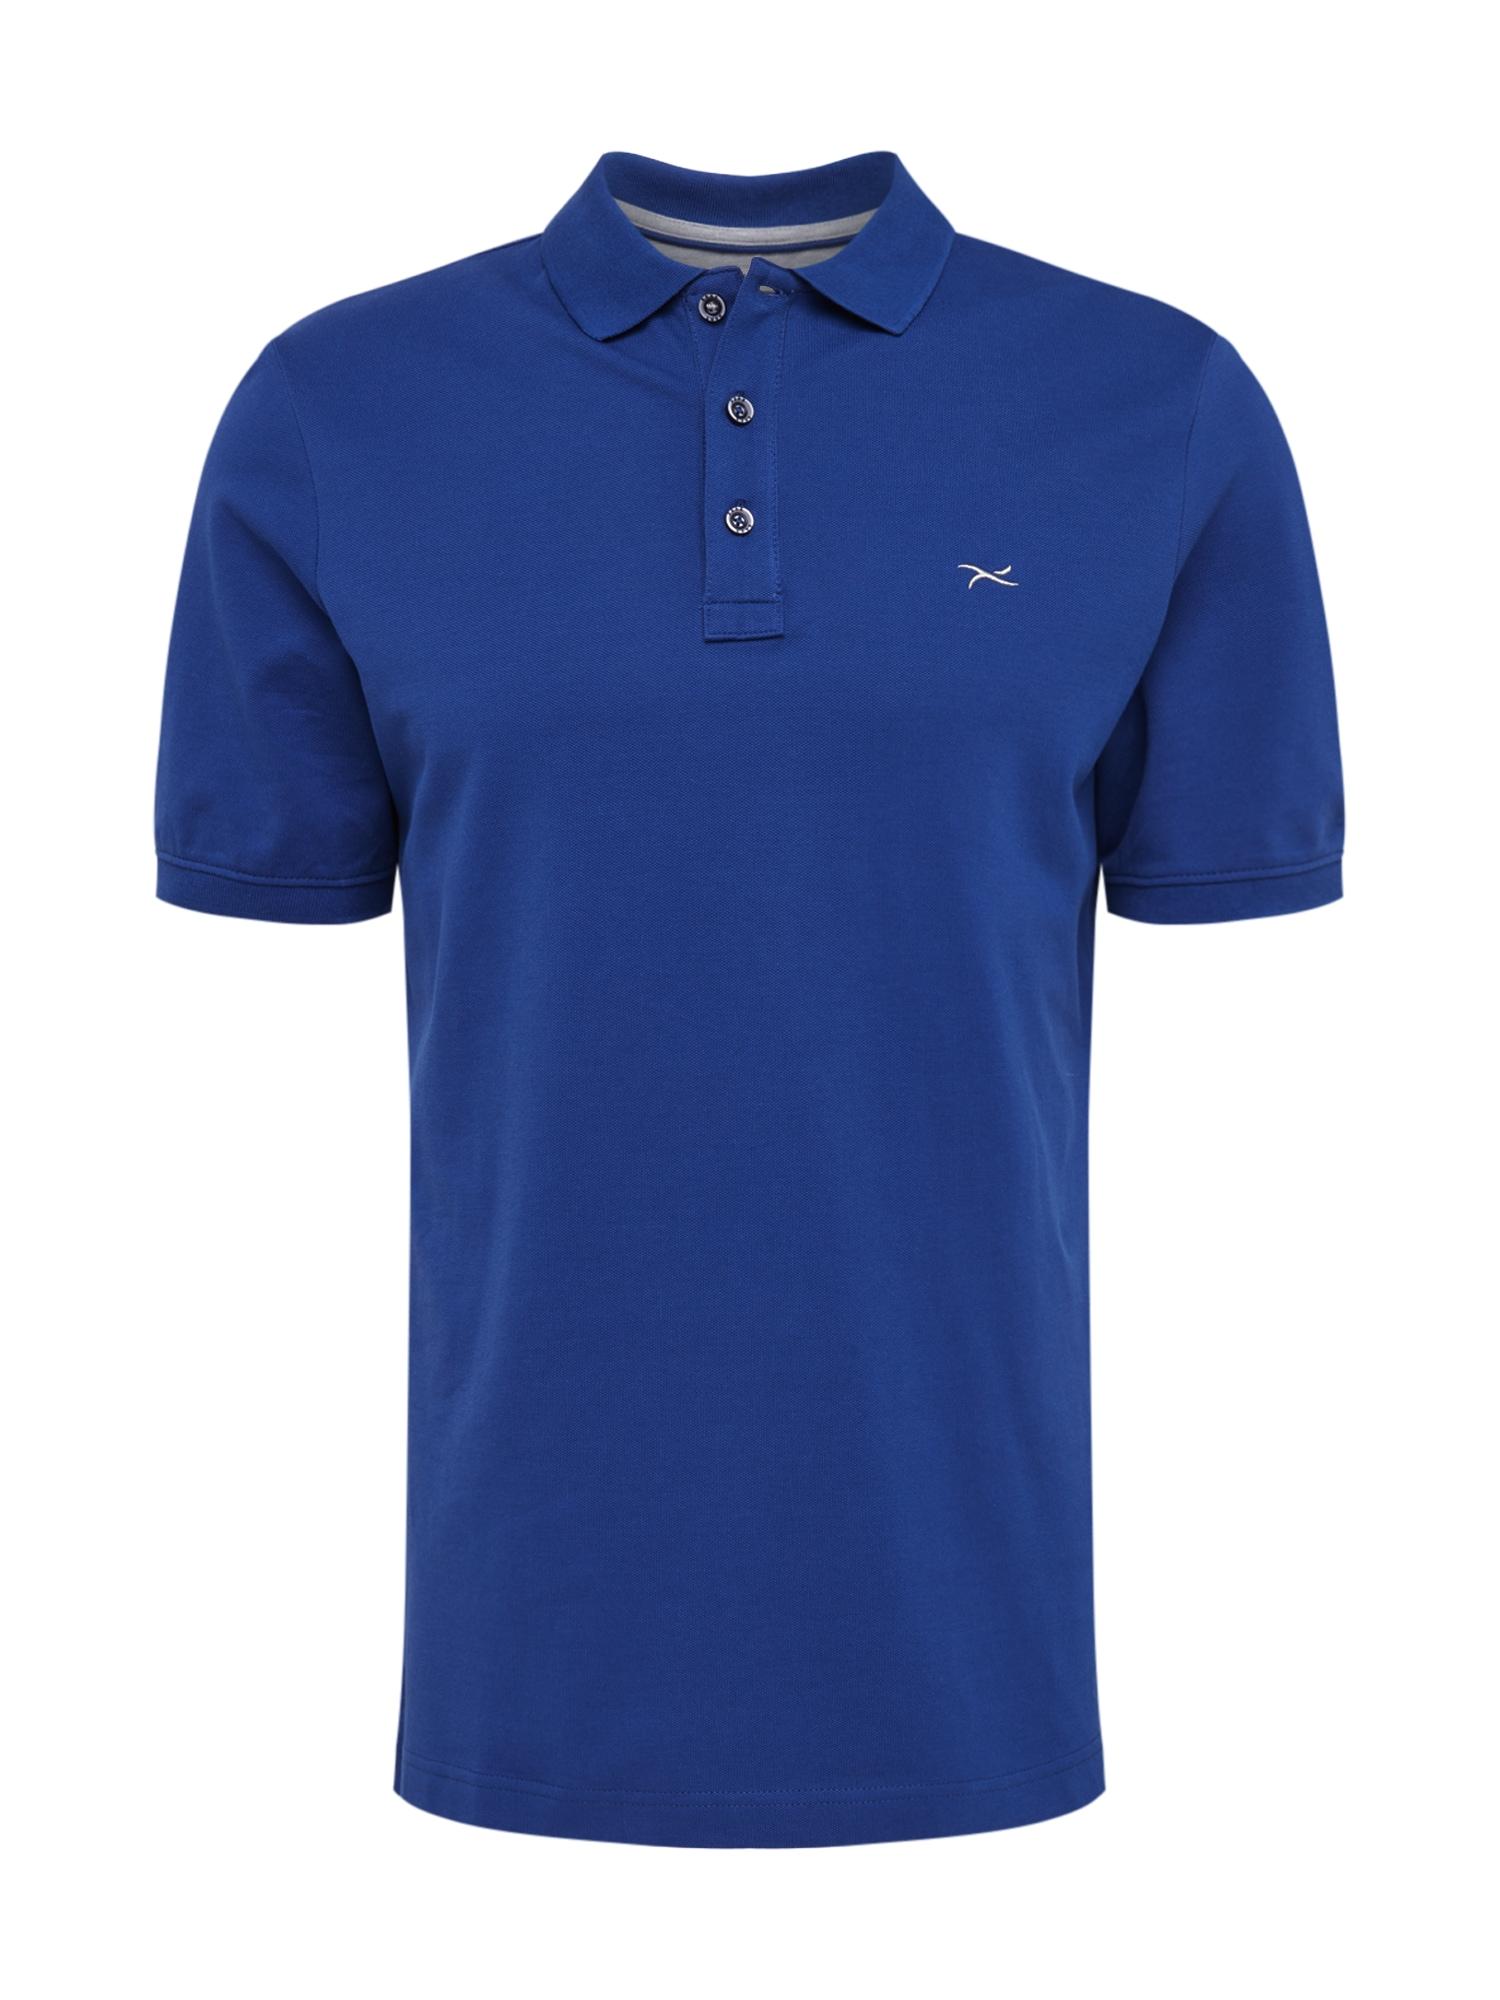 BRAX Marškinėliai ' Pete' mėlyna